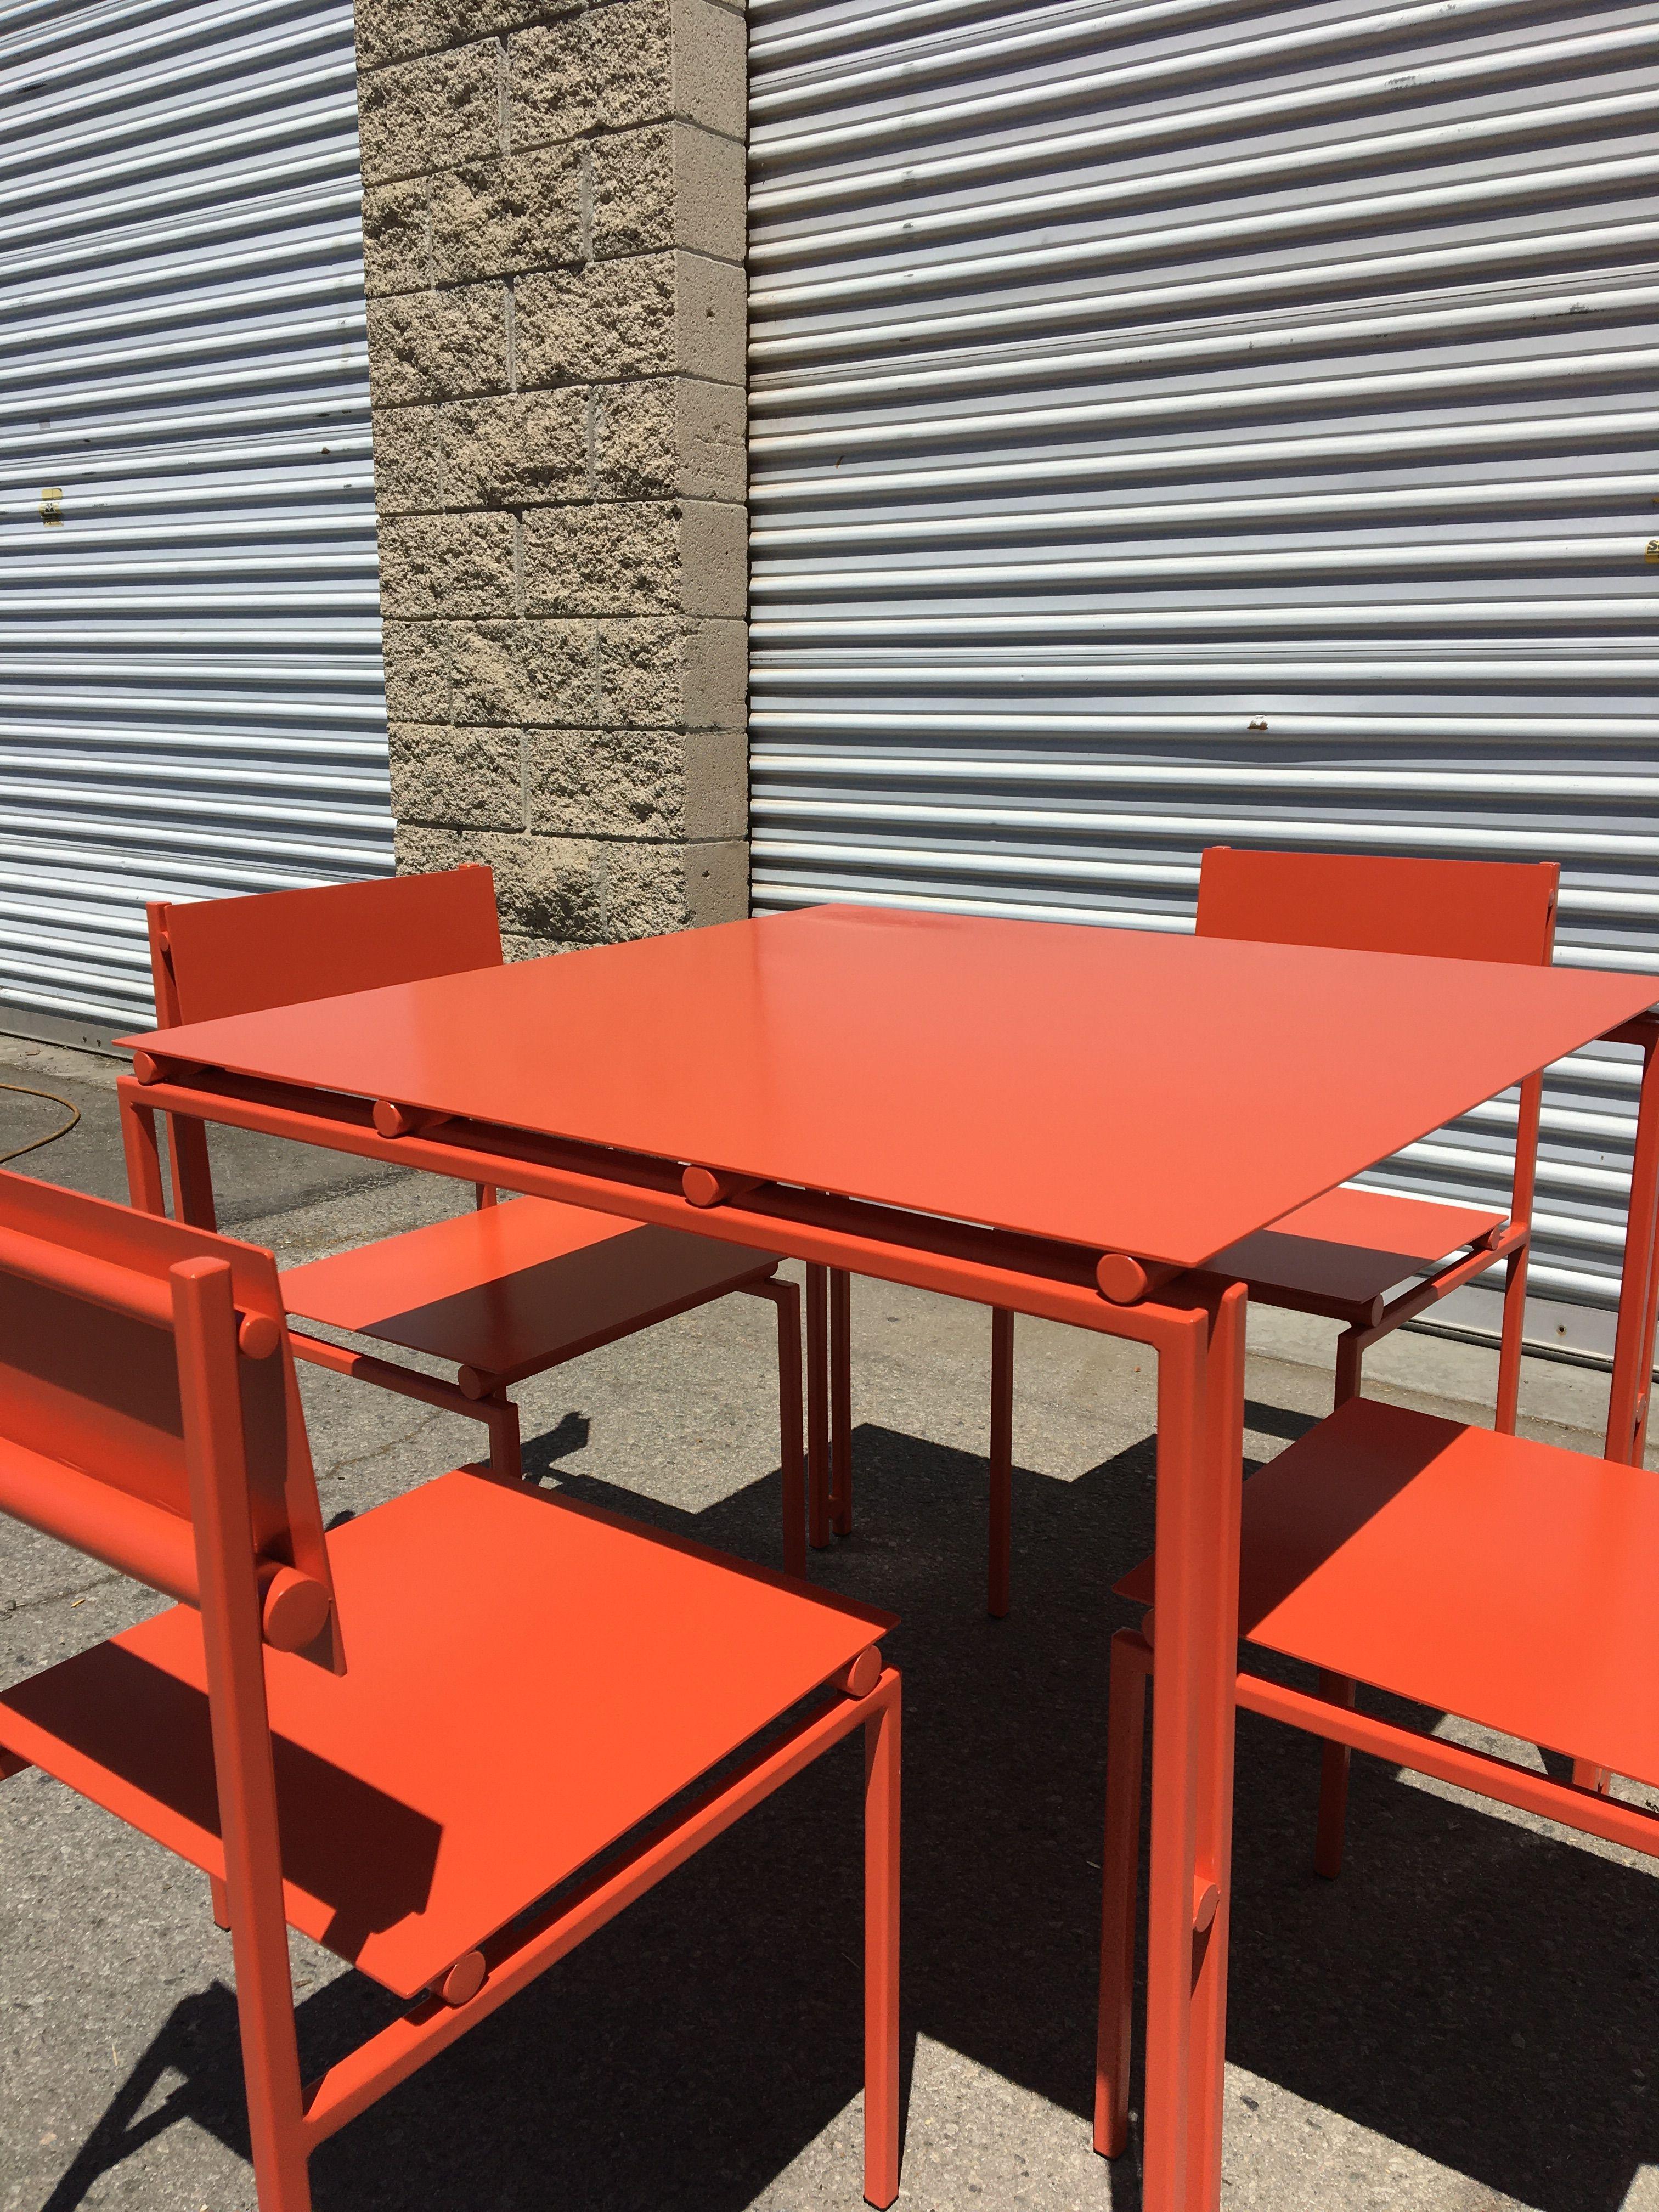 Suspension Metal Set - SIZED LA product image 5